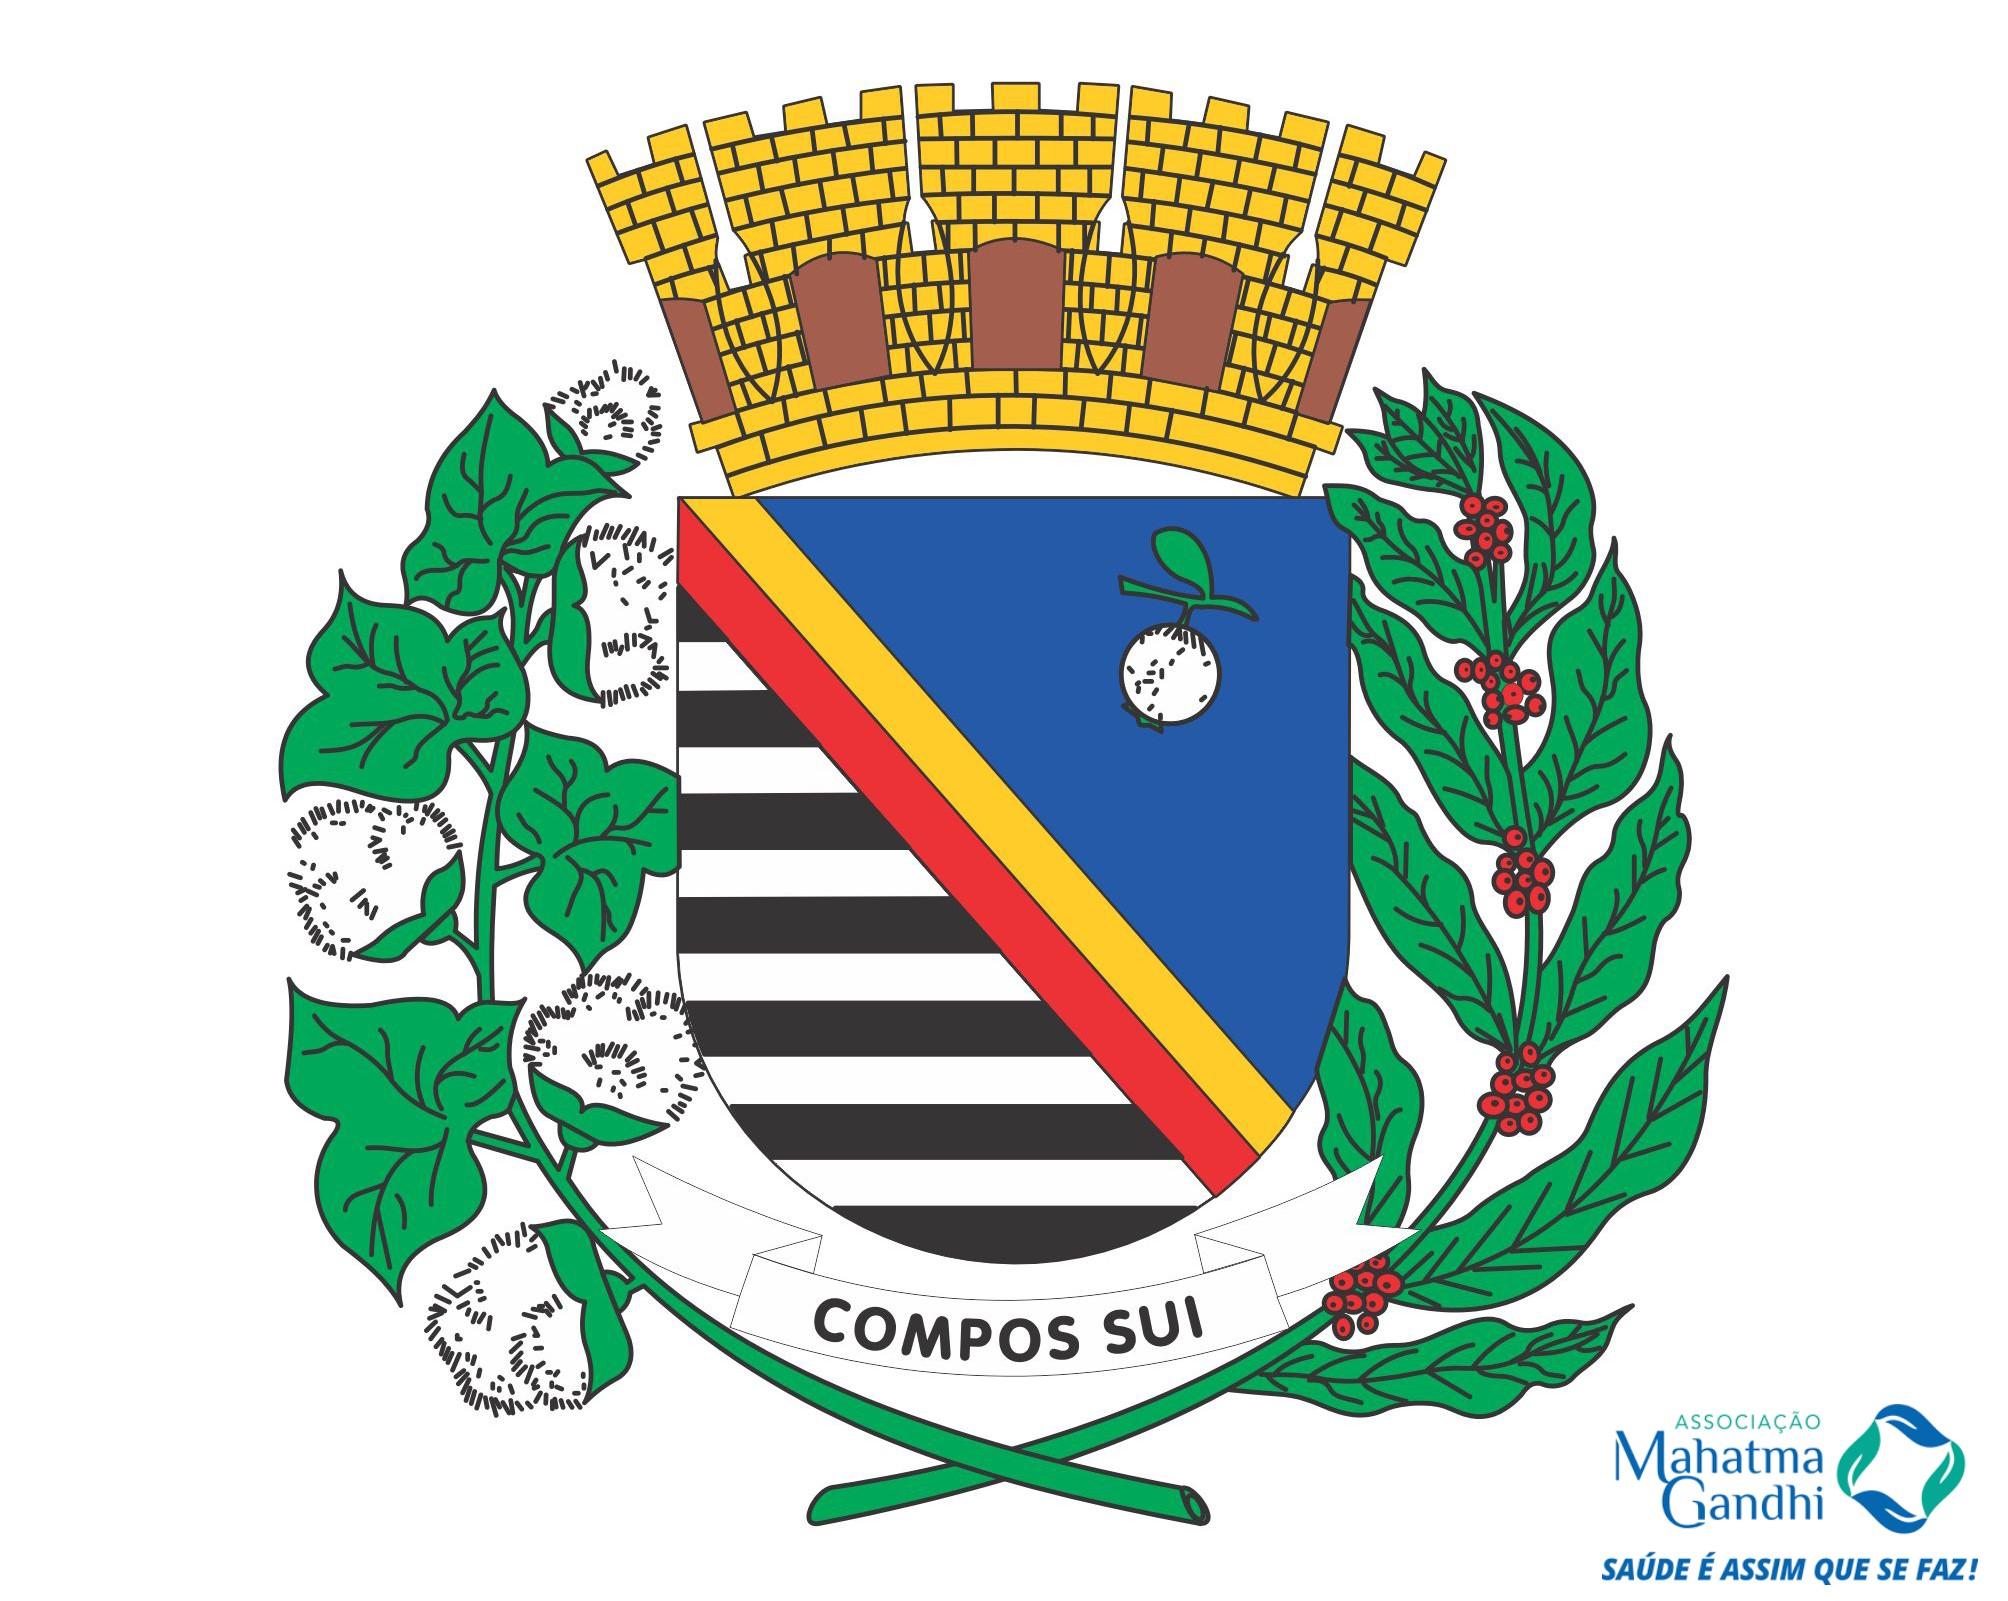 Processo Seletivo - Contrato de Atenção Básica do Município de Araçatuba 01/2019 - Associação Mahatma Gandhi